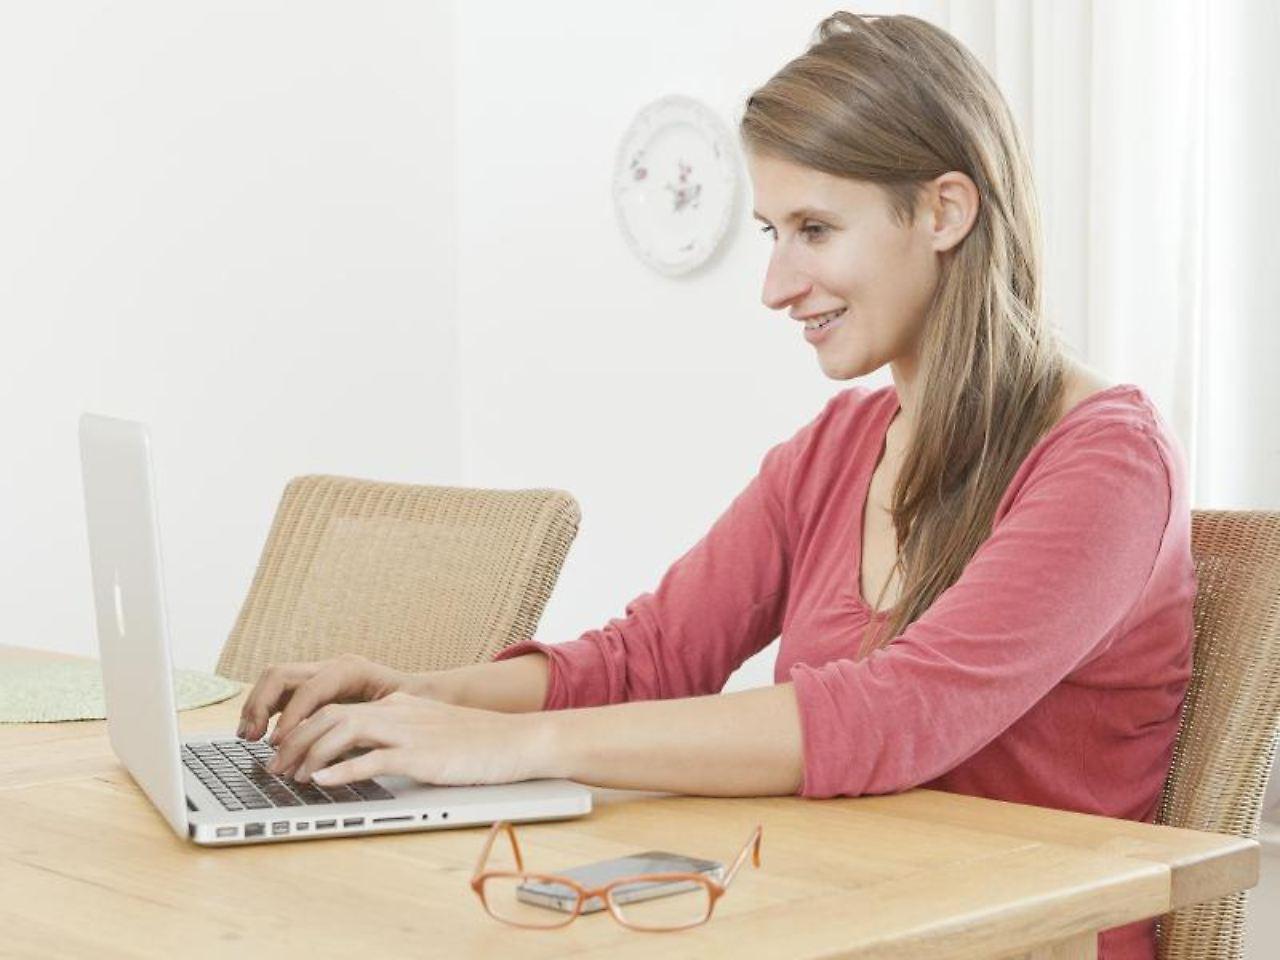 Arbeiten von zu Hause Unseriöse Angebote zur Heimarbeit